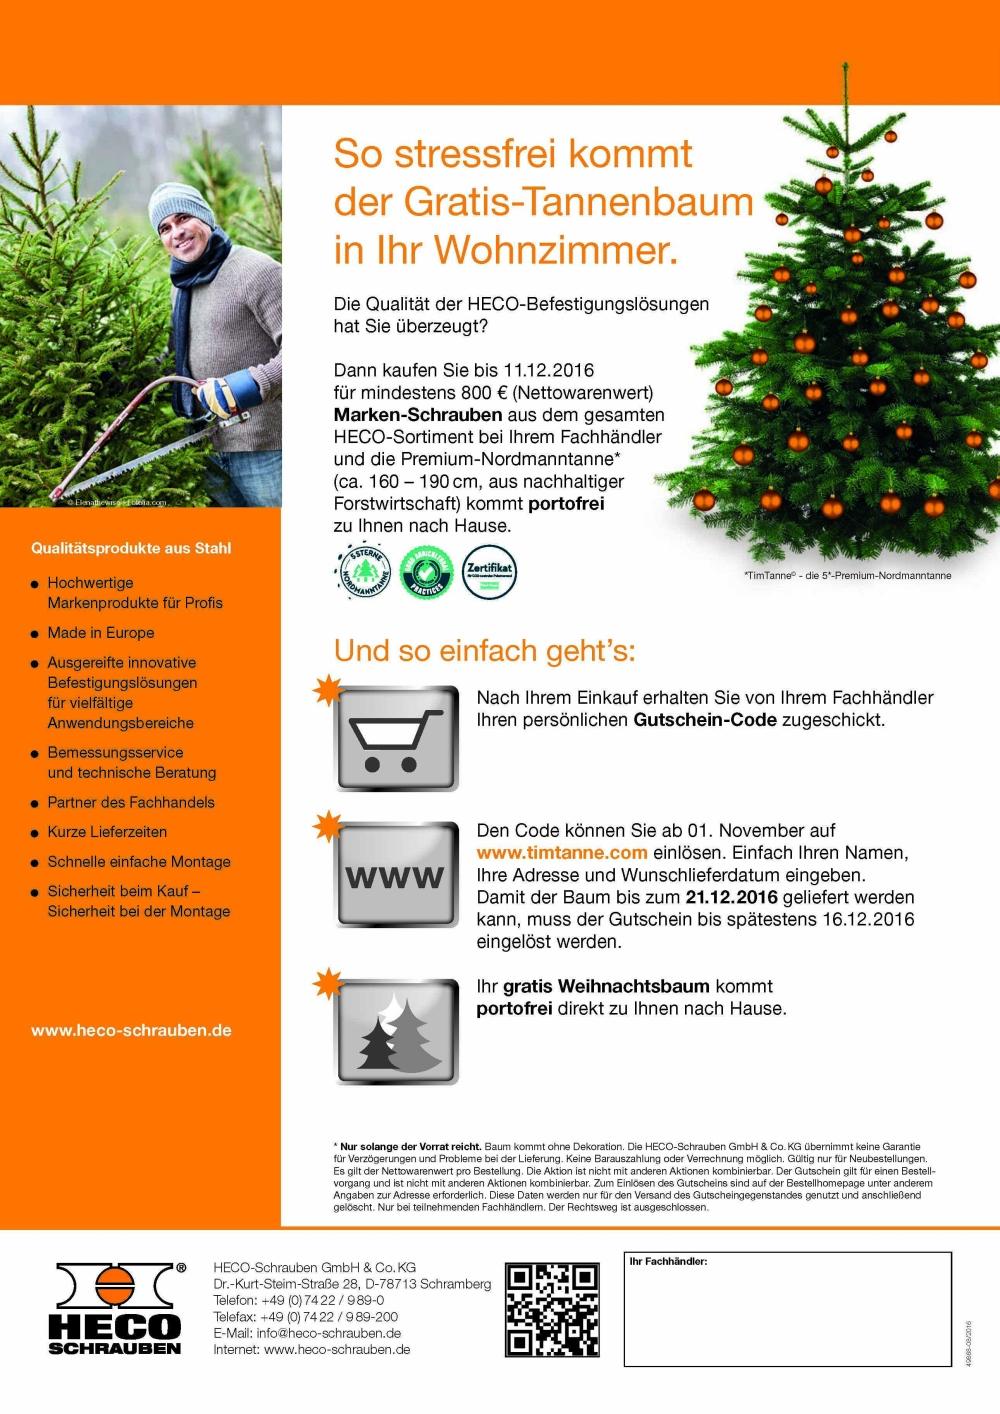 Gutschein Weihnachtsbaum.Heco Der Weihnachtsbaum Kommt Mit Der Post Dachbaumagazin